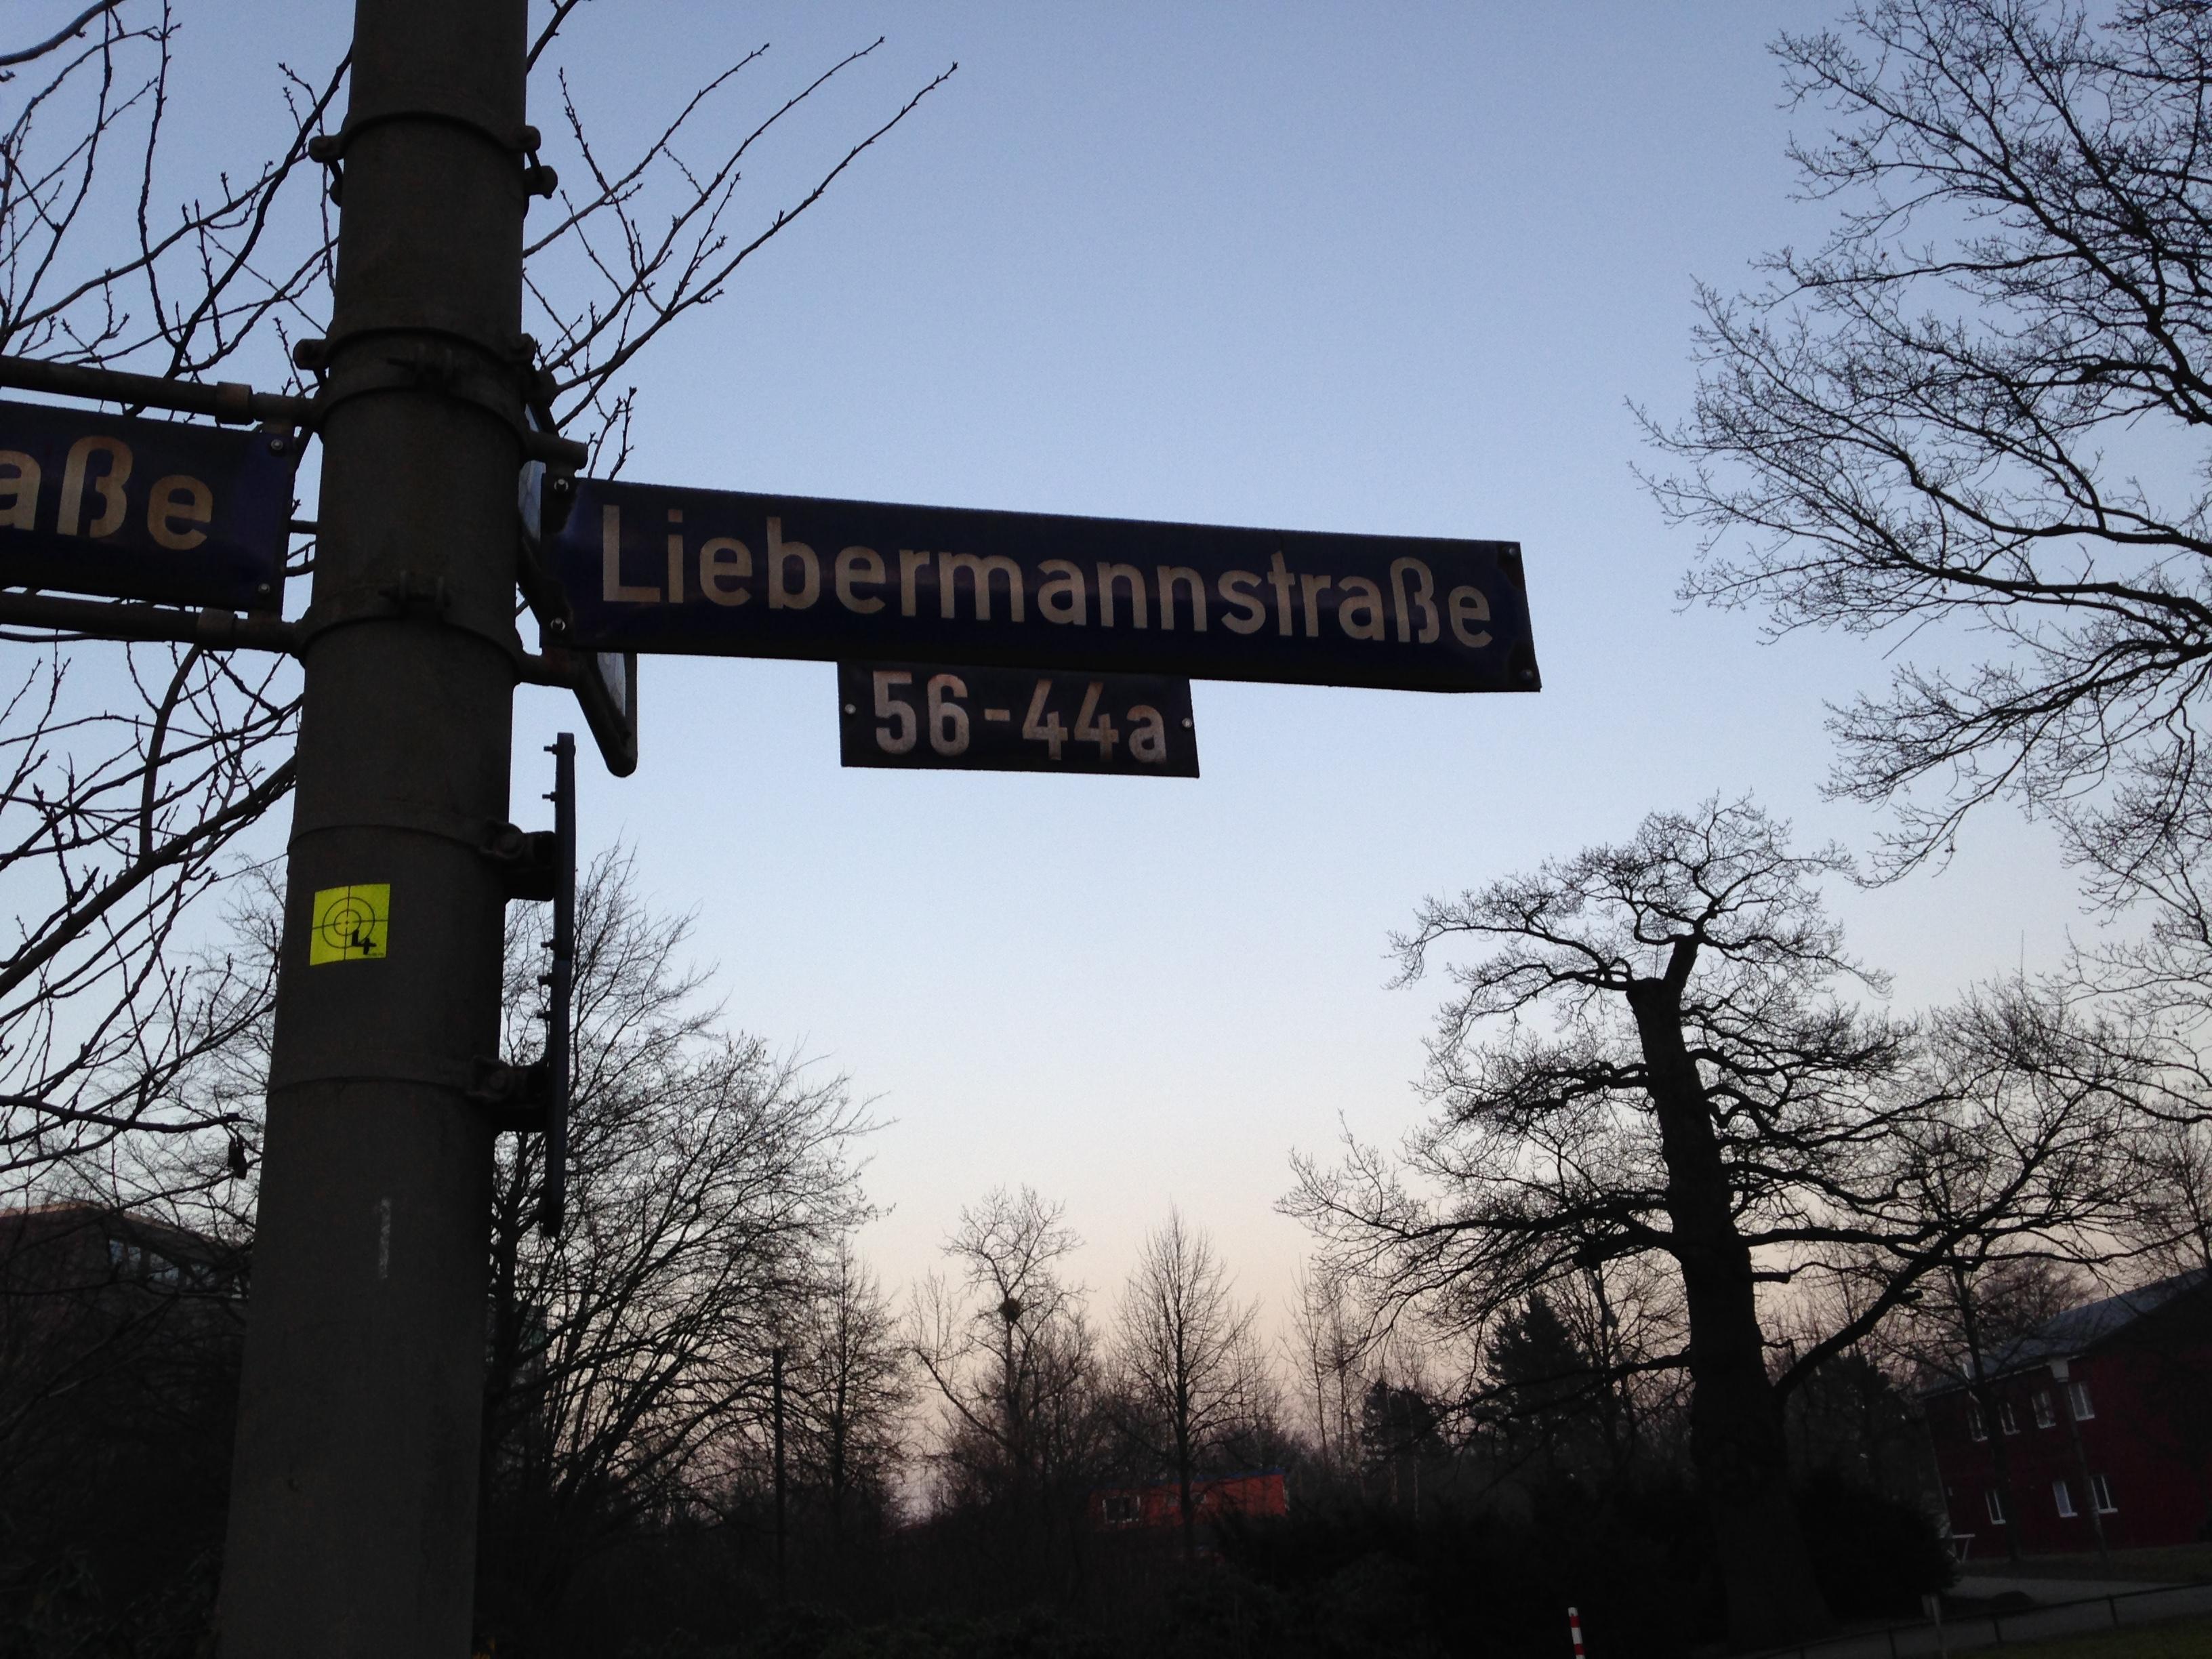 Liebermannstrasse feiert mit!